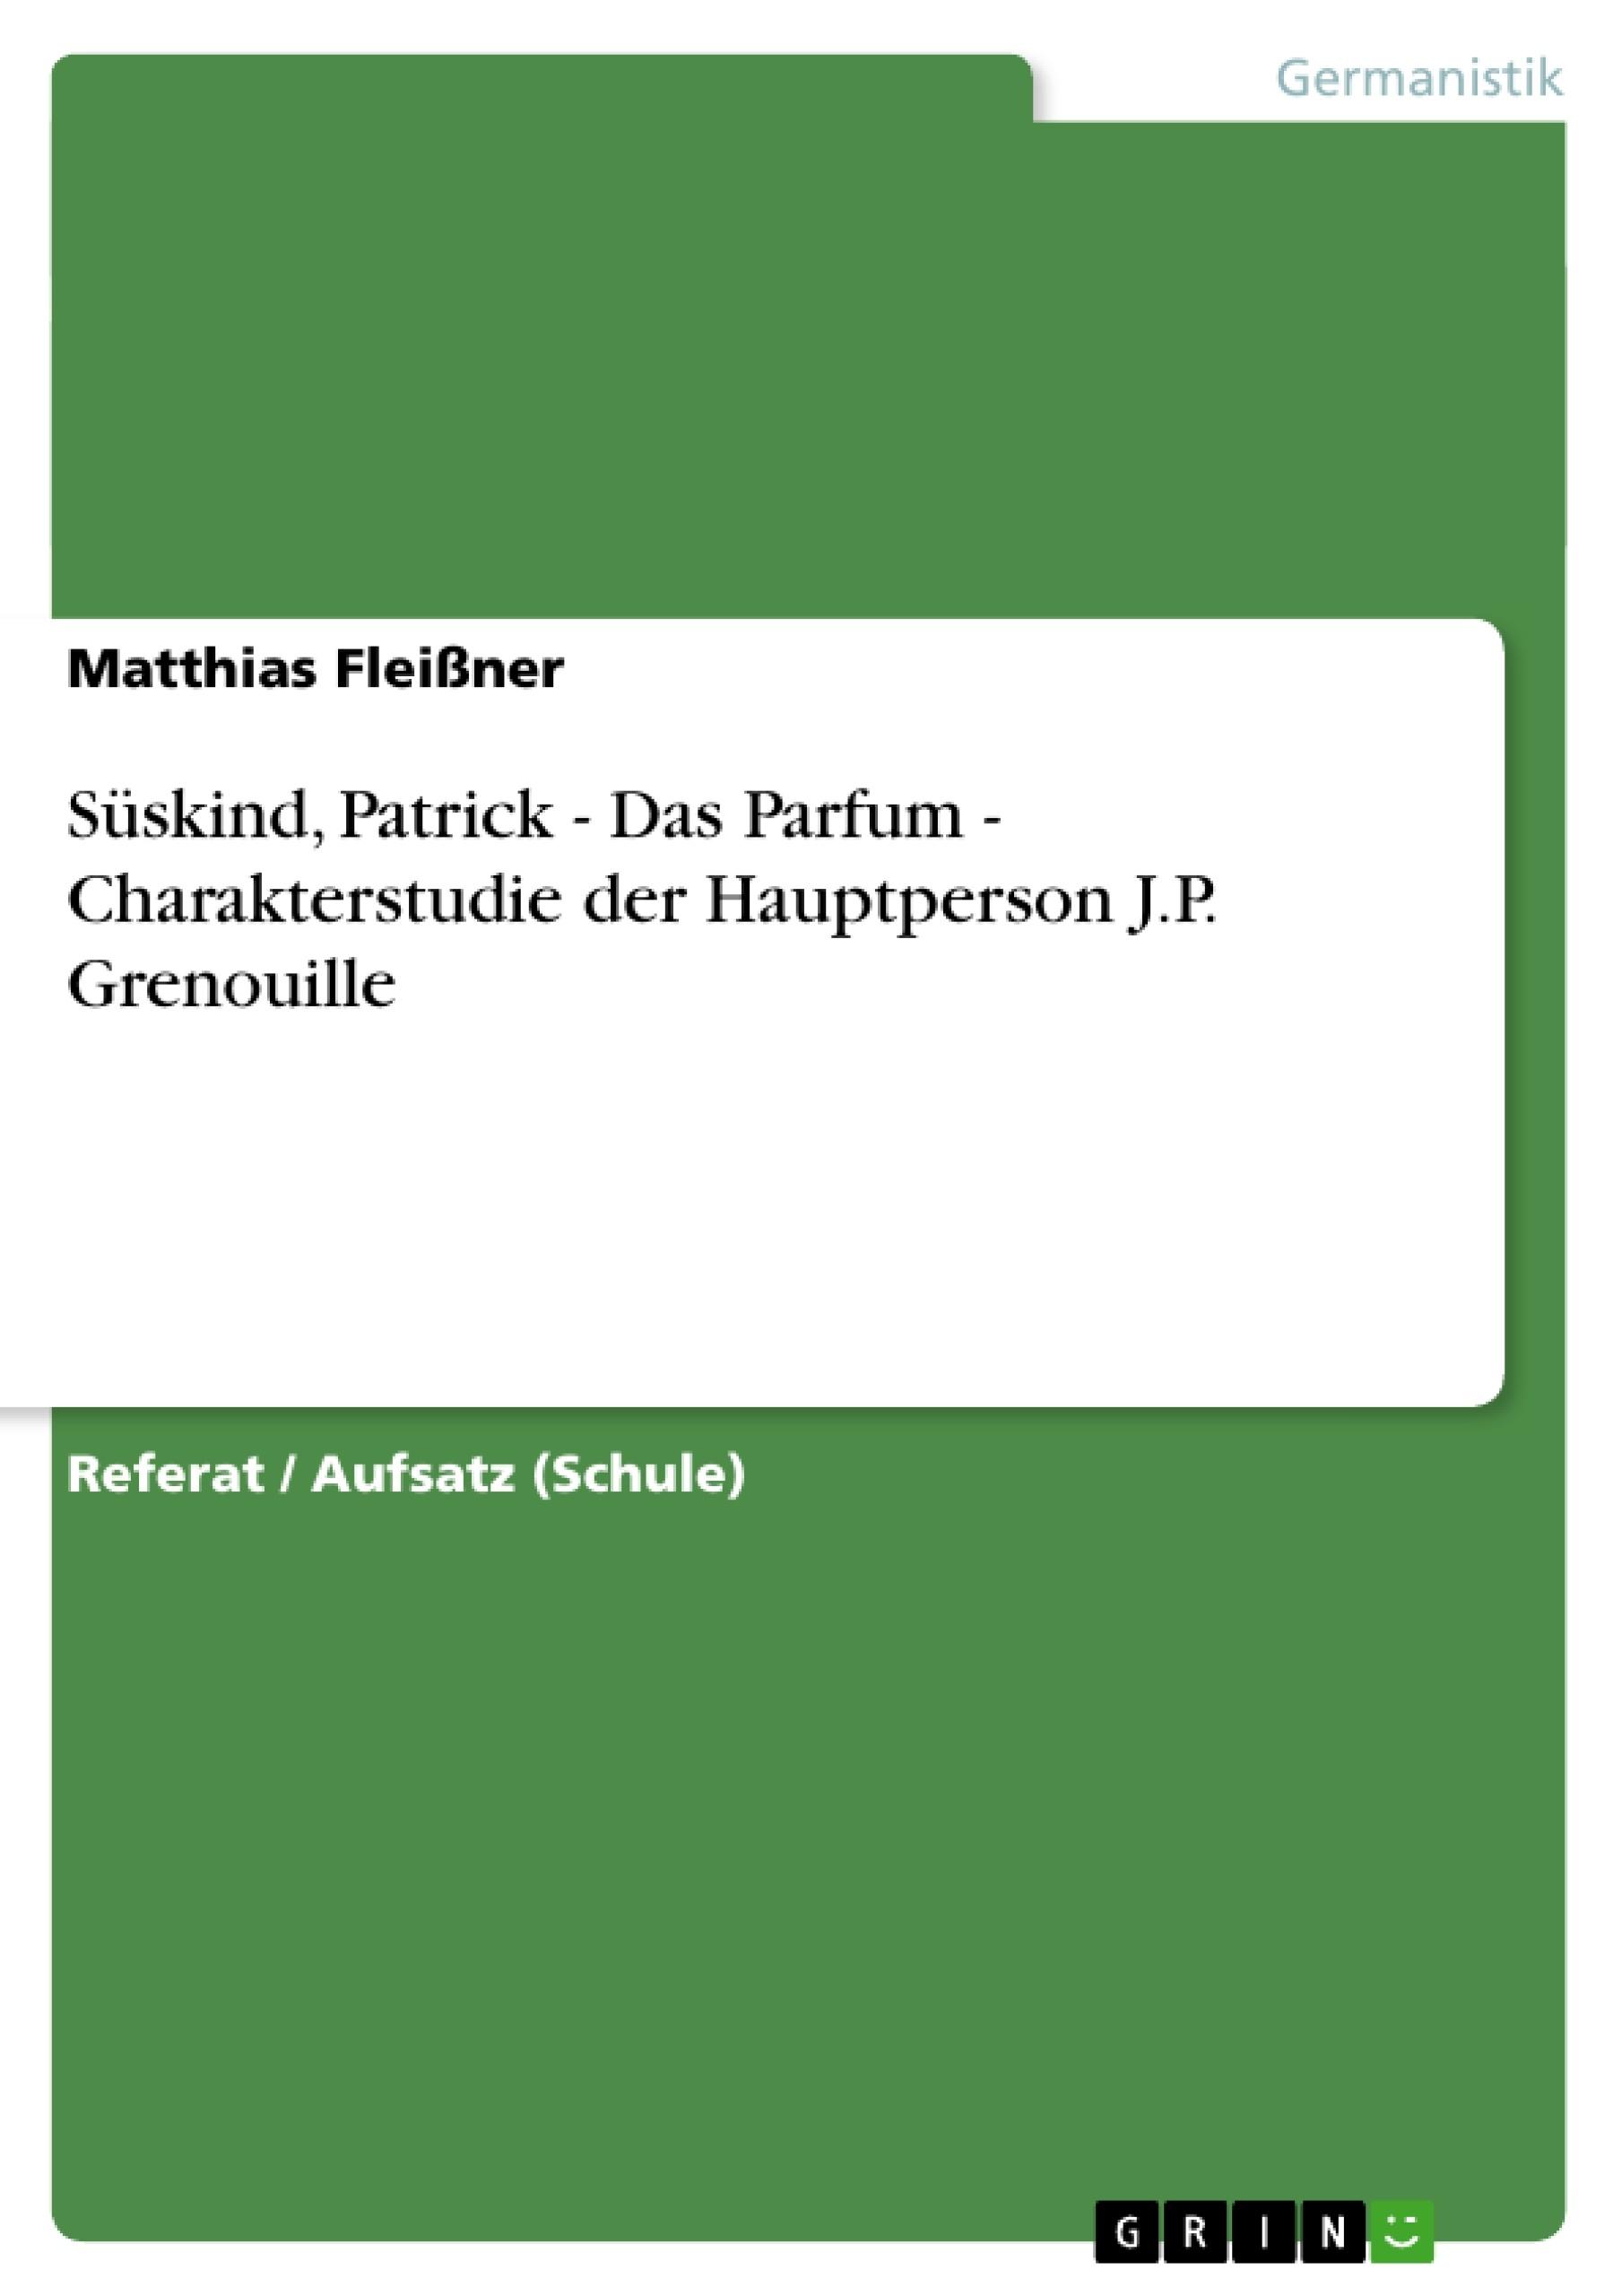 Titel: Süskind, Patrick - Das Parfum - Charakterstudie der Hauptperson J.P. Grenouille